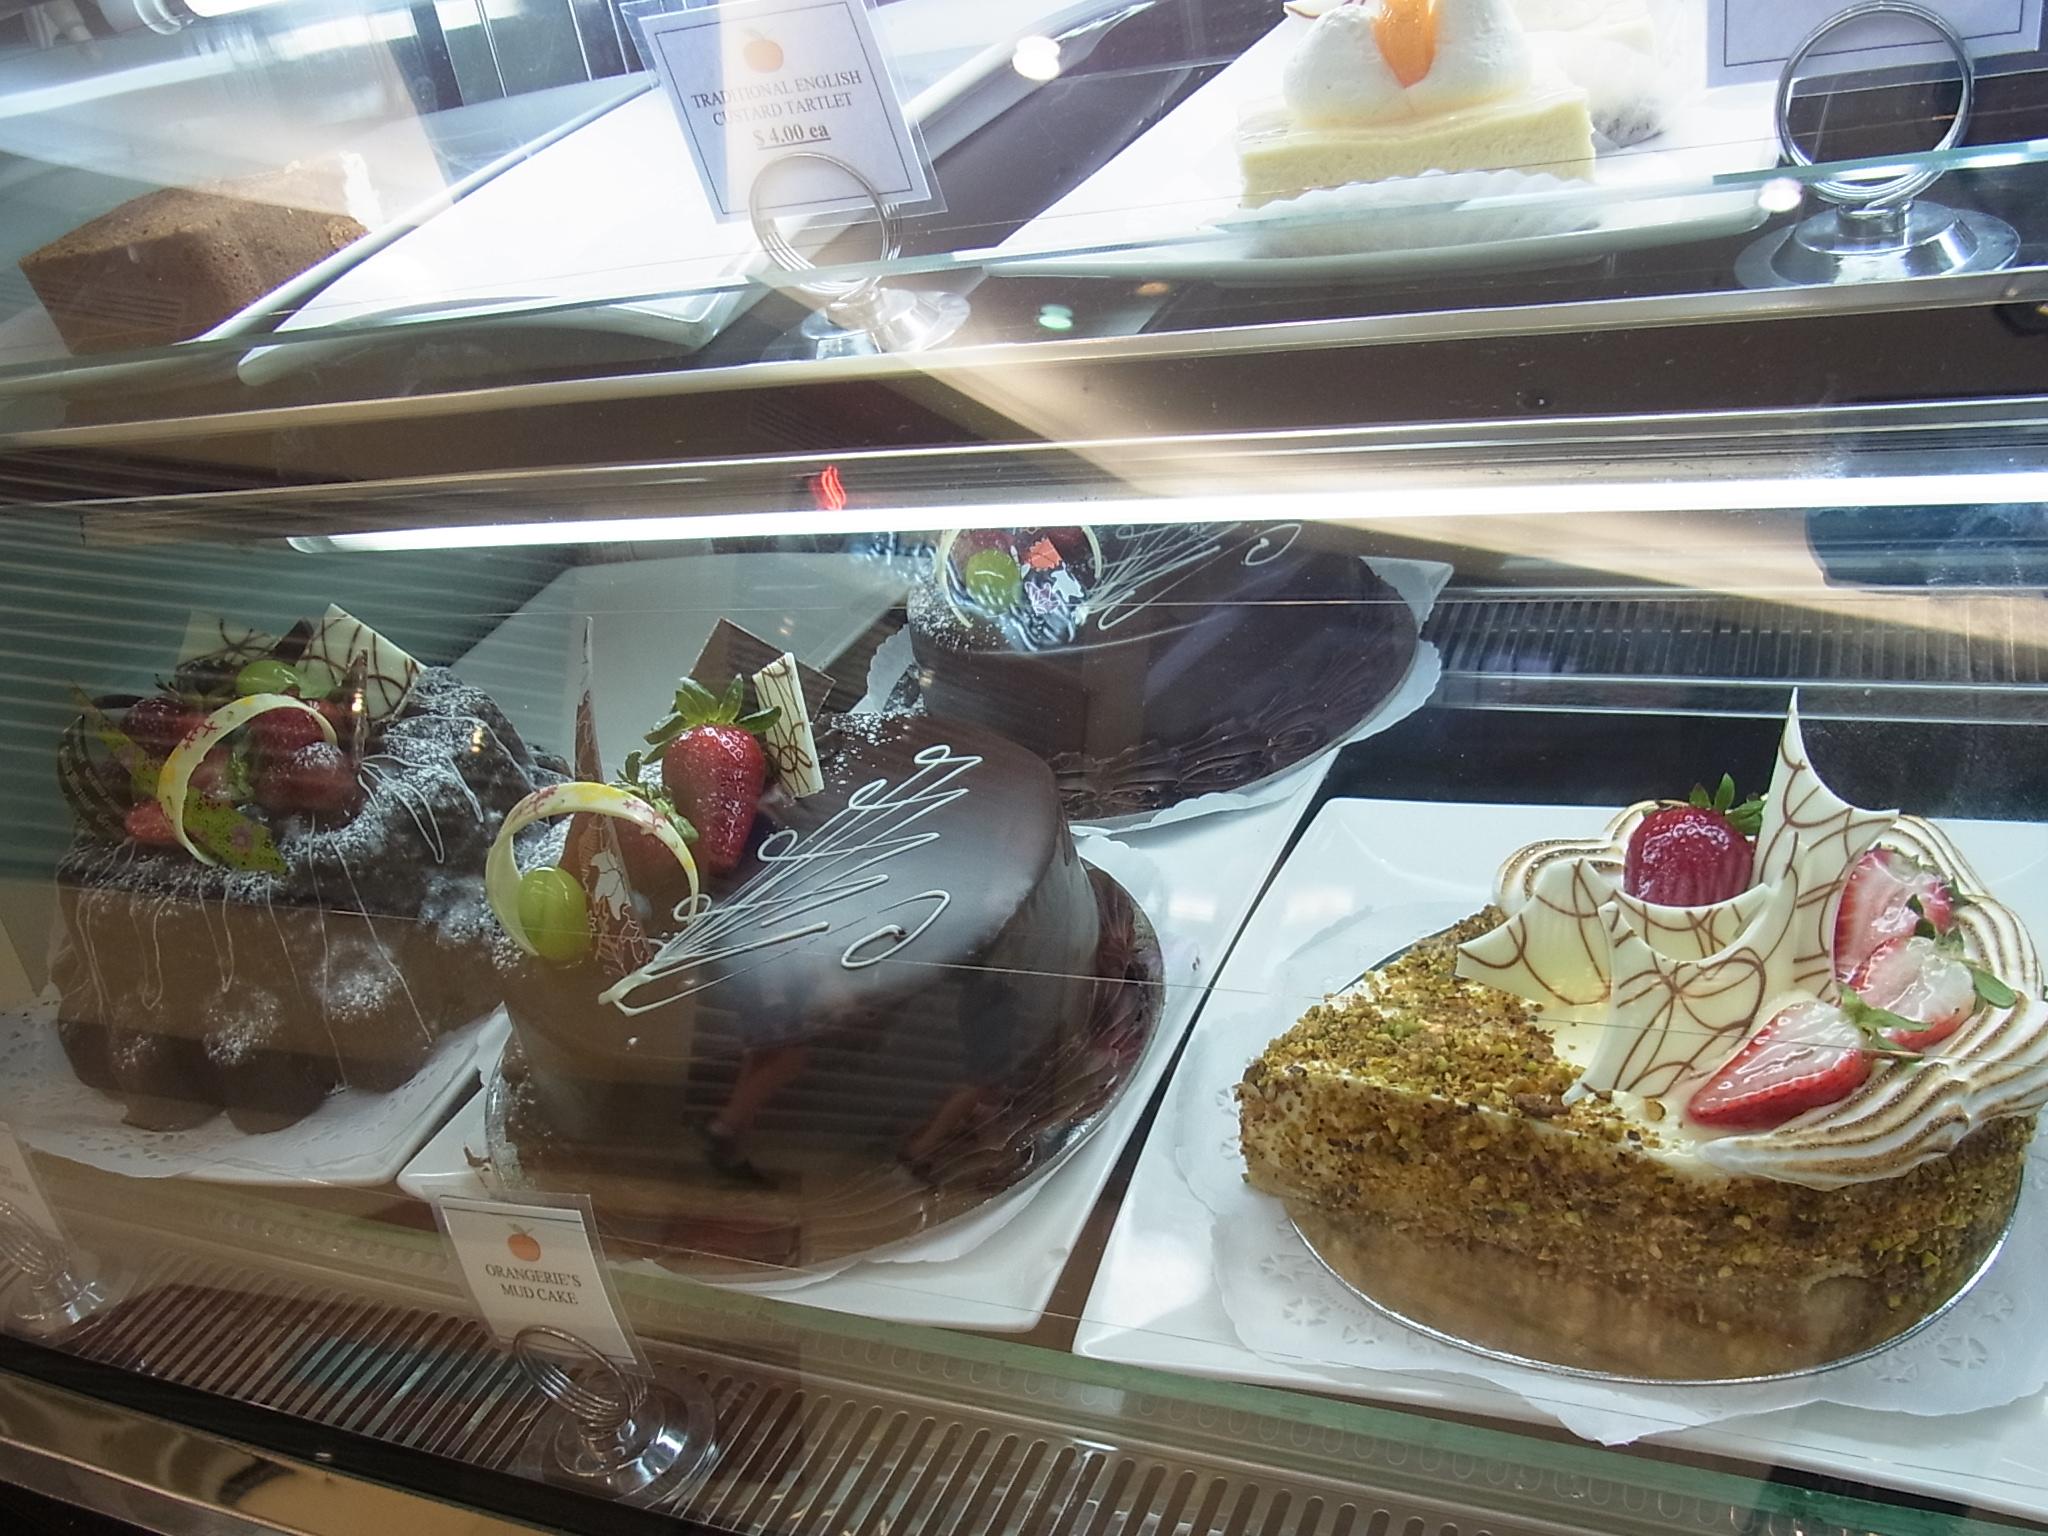 <p>目にも鮮やかな全てのケーキは日本人好みの繊細な味で後を引く美味しさ。 そしてお値段はとてもリーズナブルなのがまた嬉しい! 通常30〜40種類、もしくはそれ以上のケーキがショーウインドウを彩ります。 フルーツタルトとティラミスは特にオススメ。 また、ライムの乗ったベイクドチーズケーキは酸味のよくきいた爽やかな味わいで、 きっとだれもが気に入るハズ!</p>